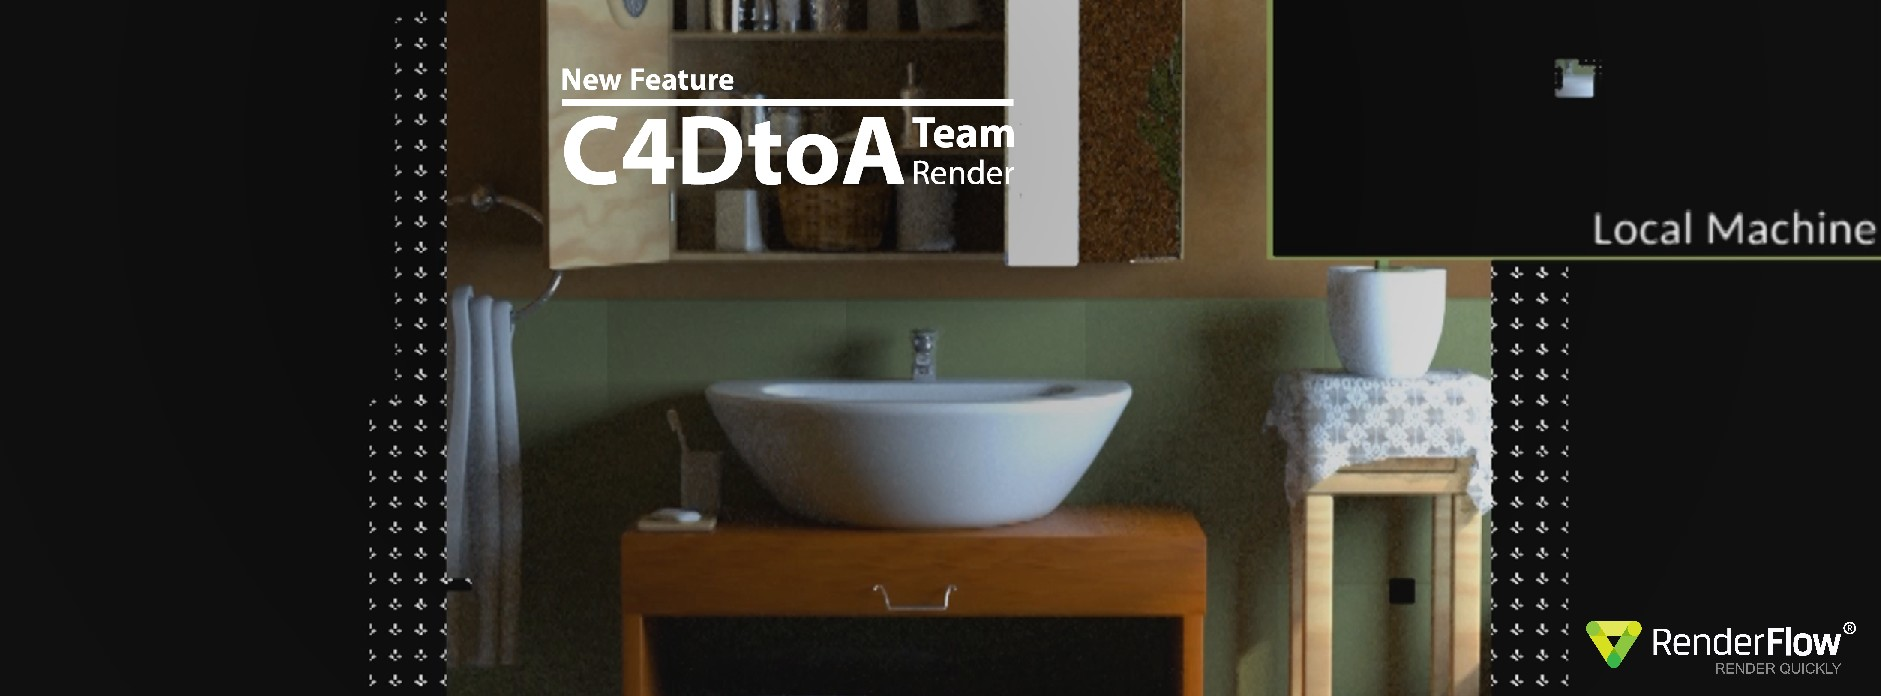 C4DtoA Team Render